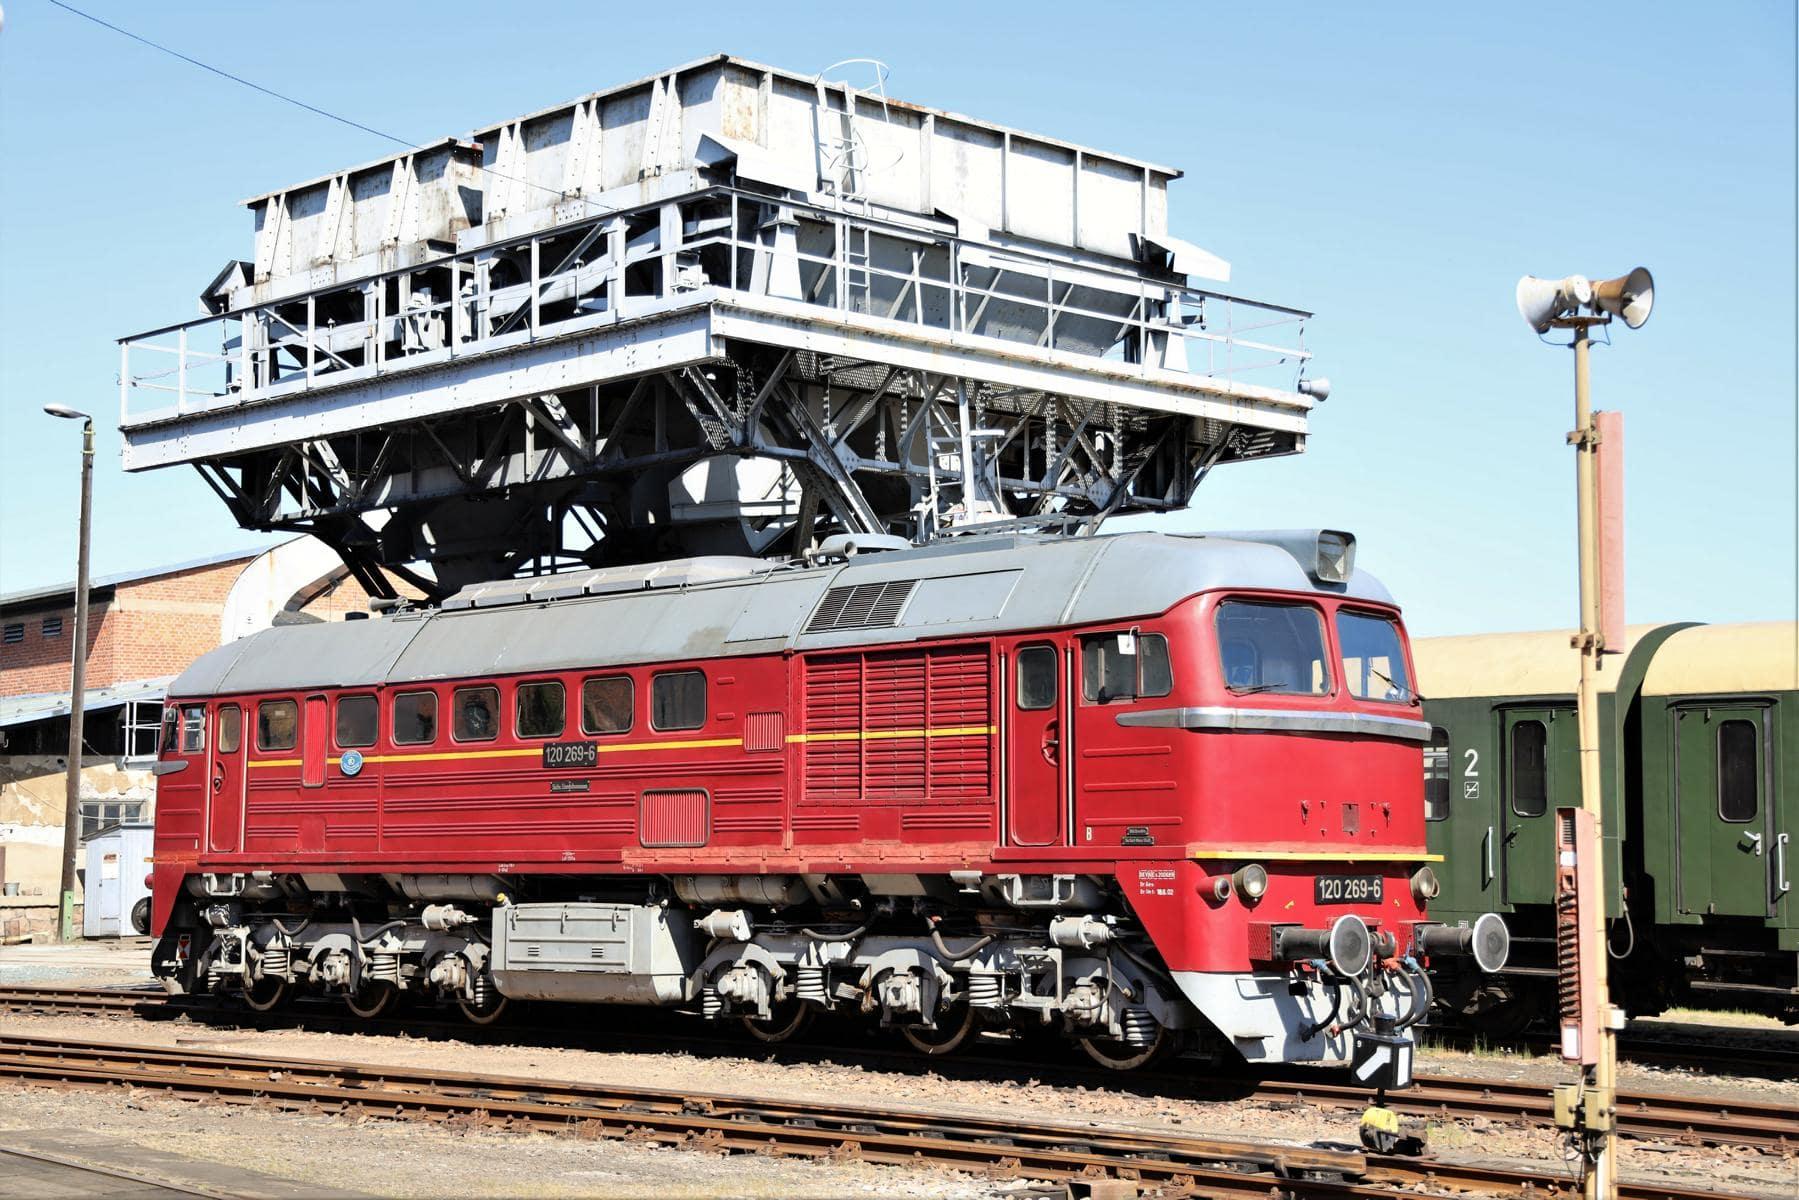 ©Foto: Christian Wodzinski | railmen | Dieselelektrische Lokomotive unter dem Hochbunker im Sächsischen Eisenbahnmuseum Chemnitz-Hilbersdorf